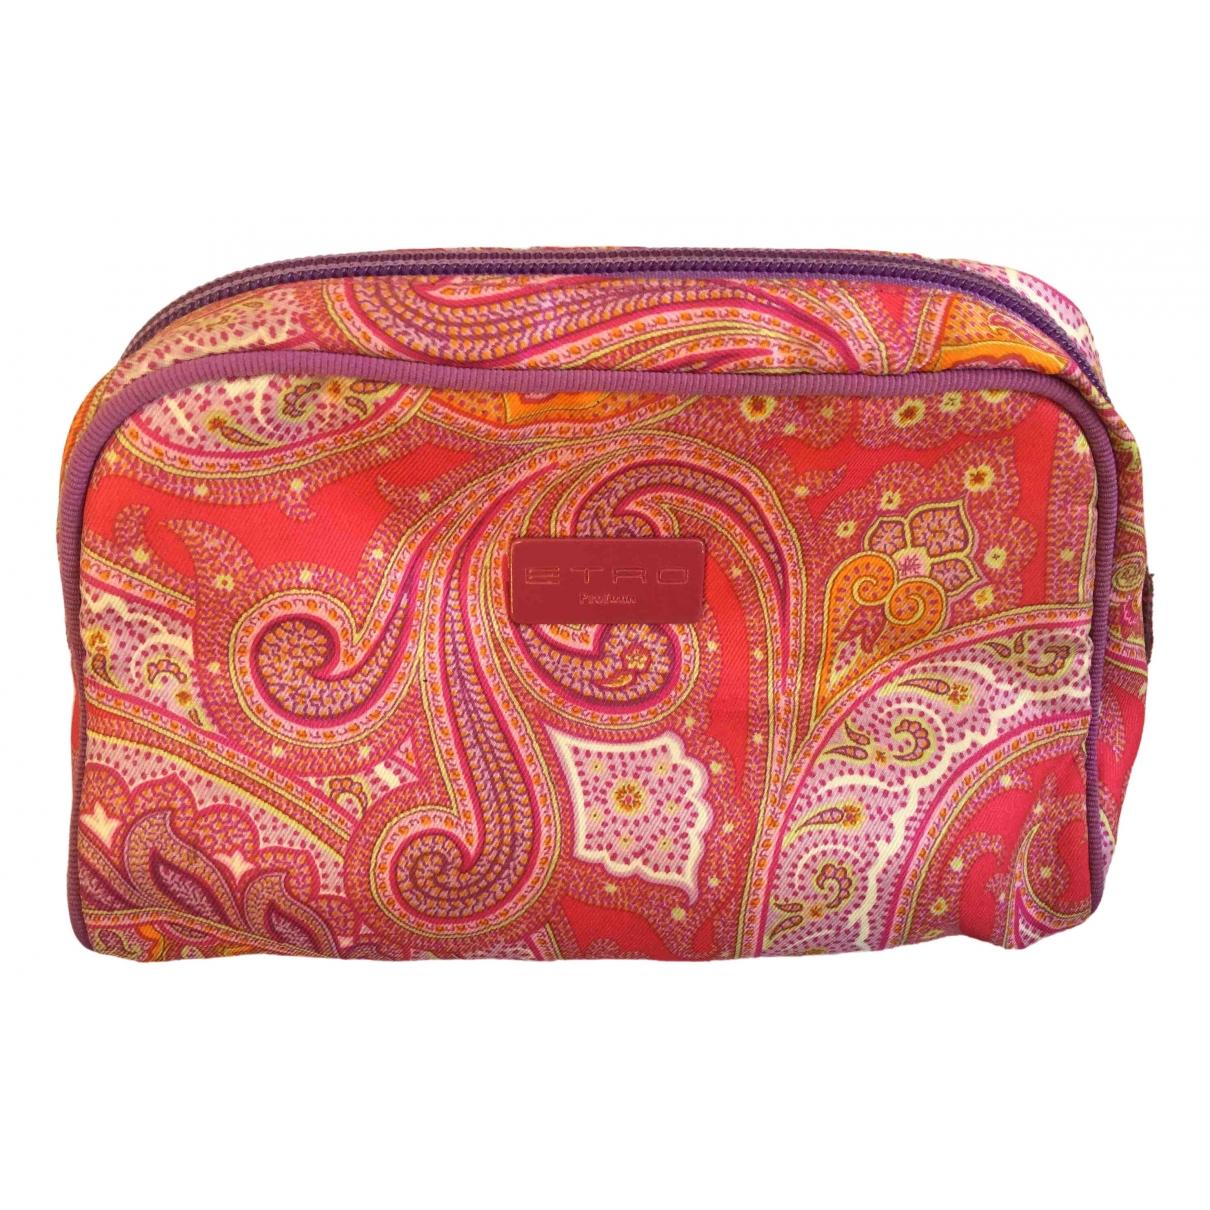 Bolsos clutch en Algodon Multicolor Etro